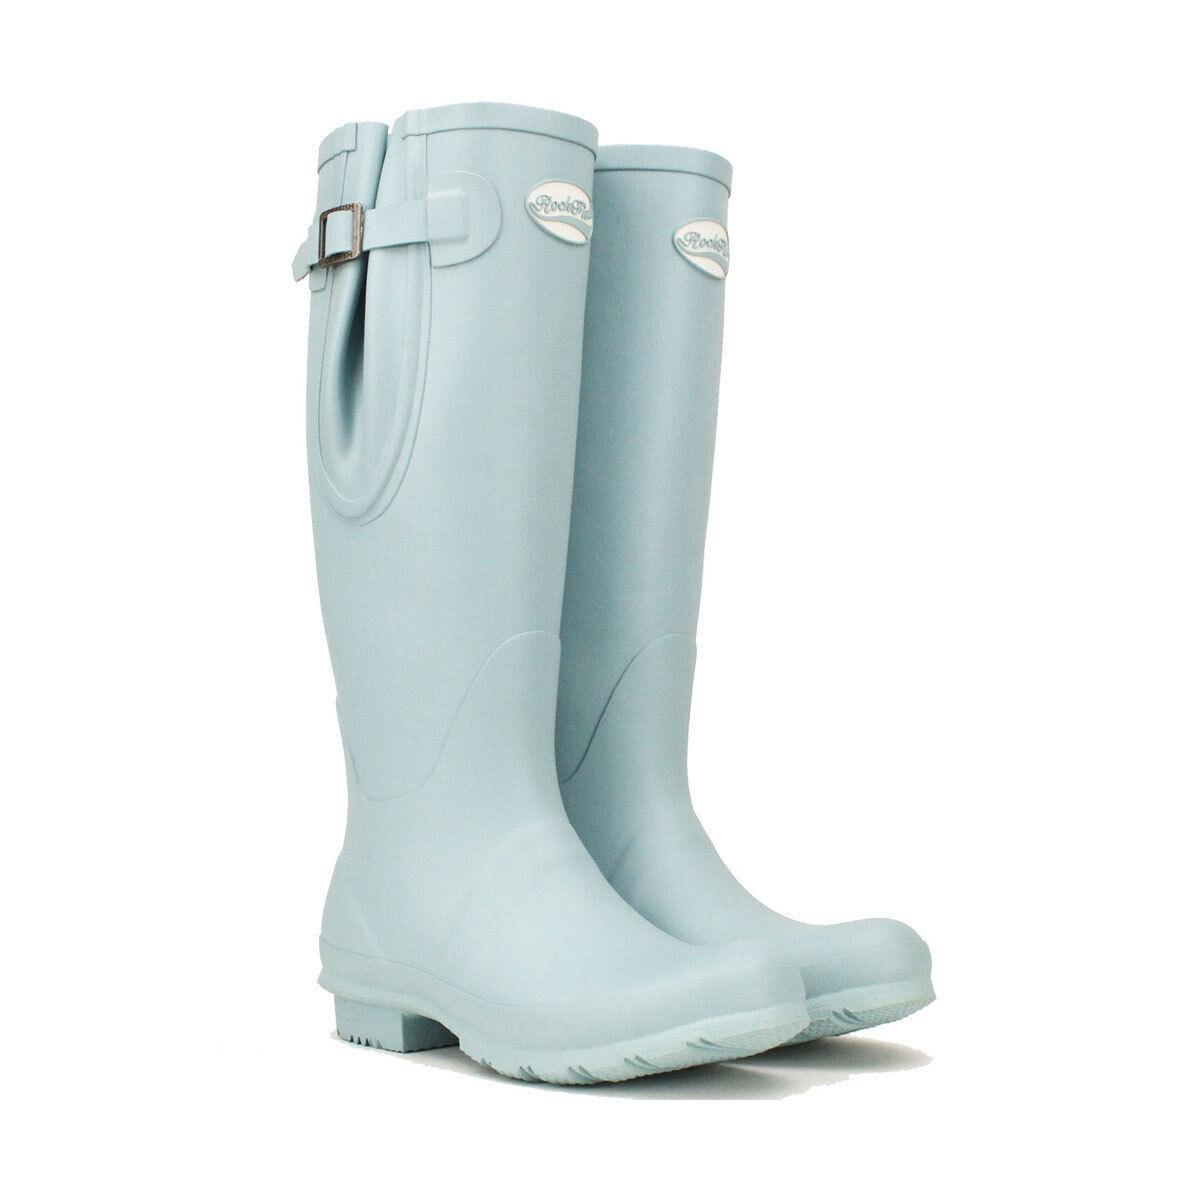 Rockfish Women's Tall Adjustable Matt Wellington Boot Various Colours Uk3 - UK8